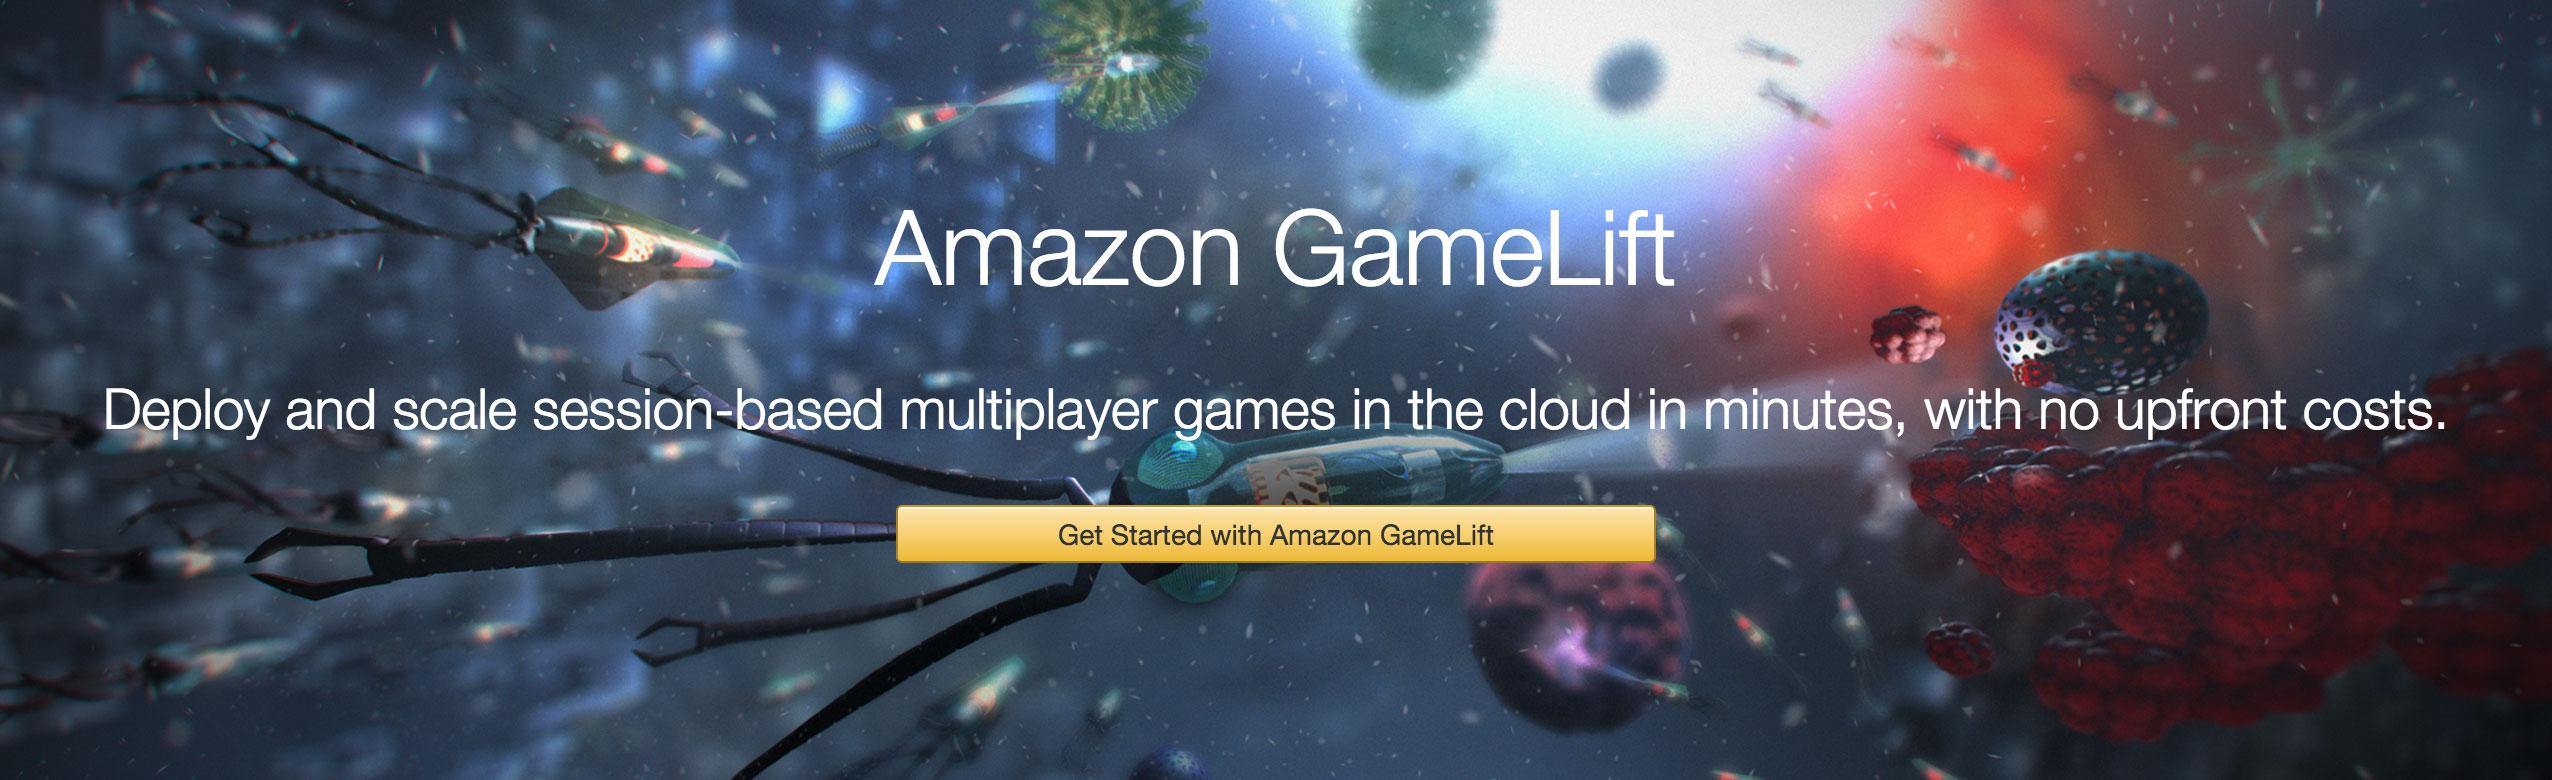 amazon-gamelift